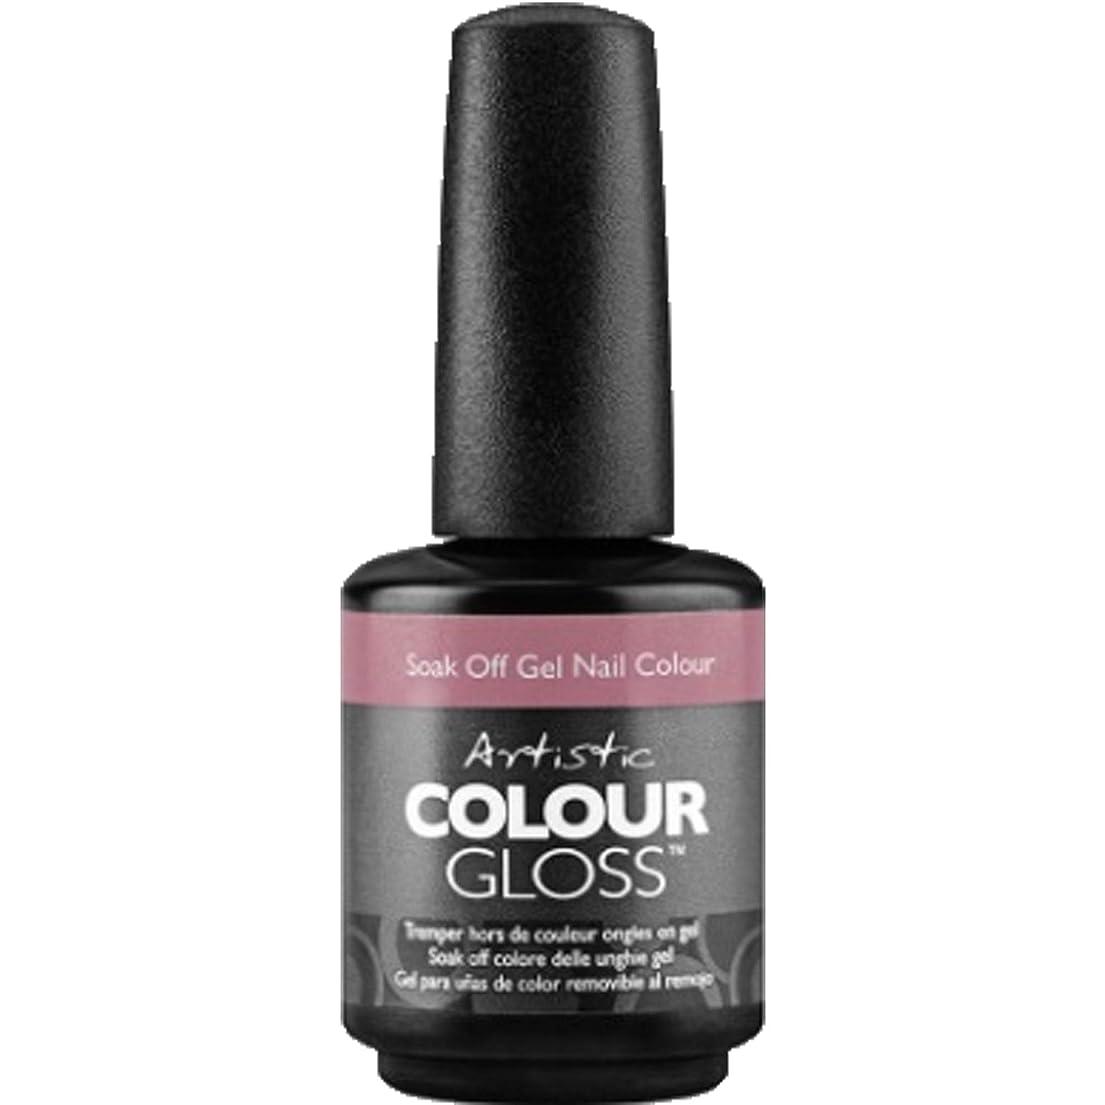 累積堂々たるクラウドArtistic Colour Gloss - Thta's My Tone - 0.5oz / 15ml